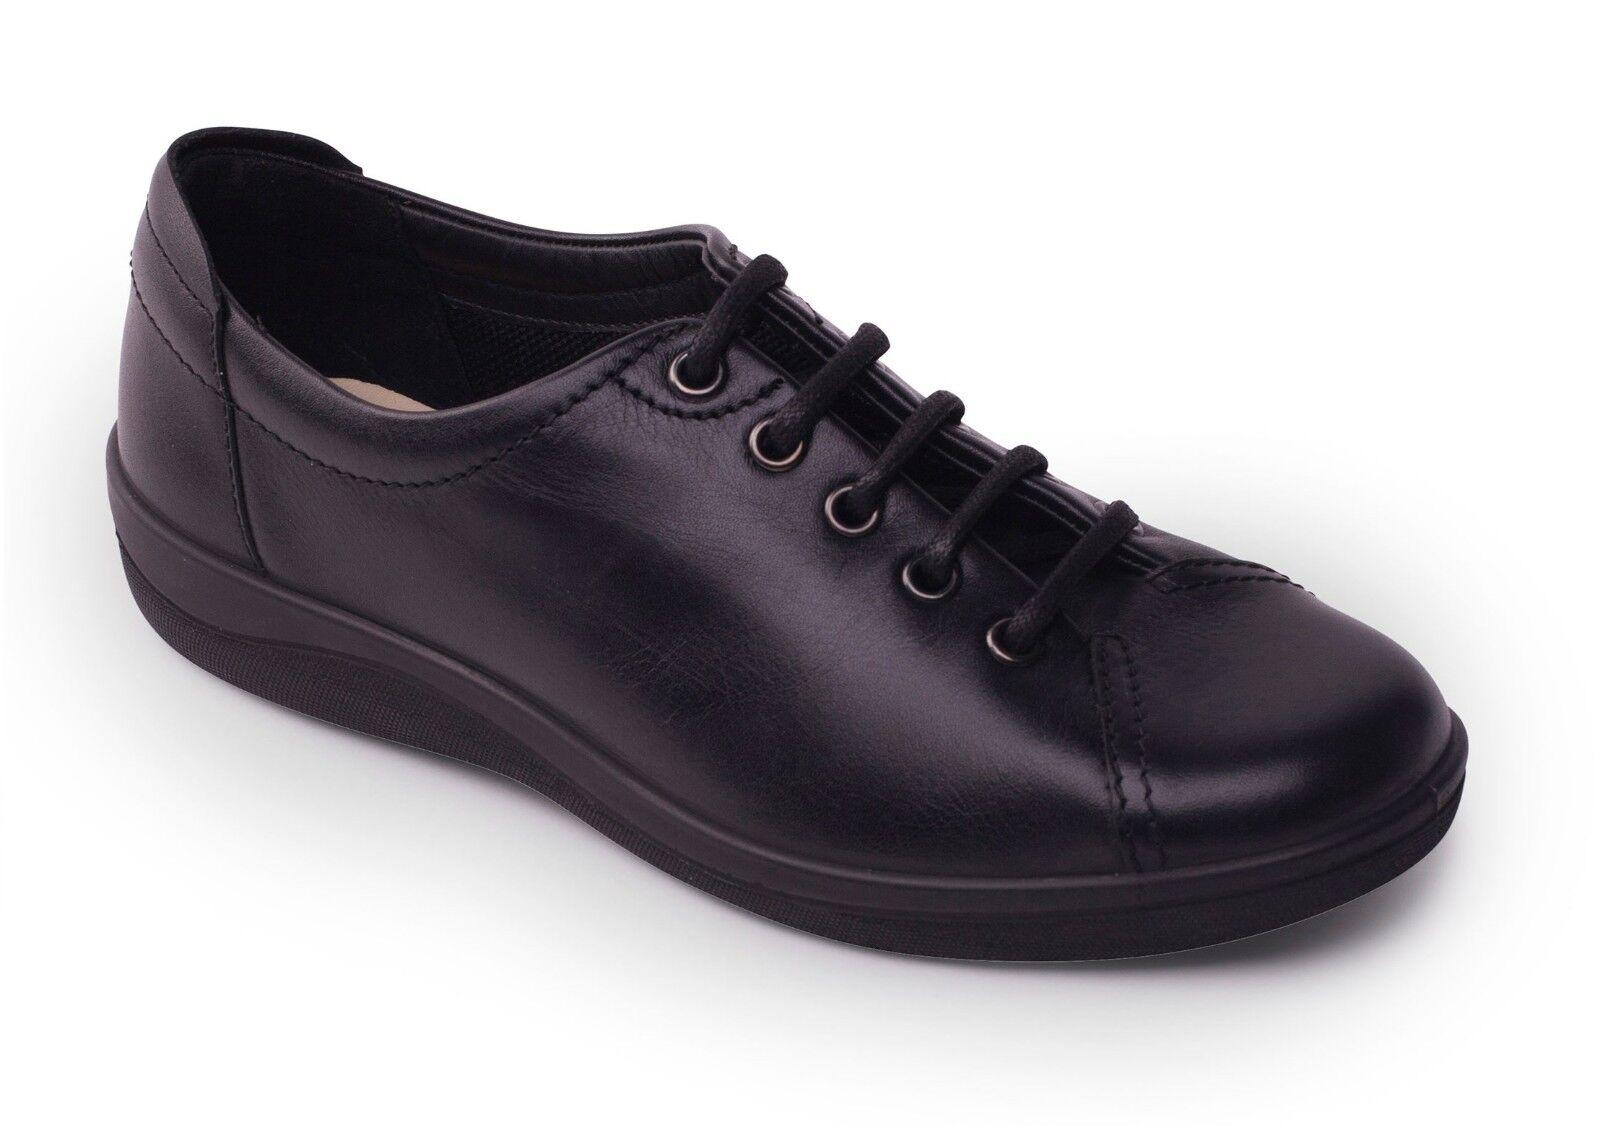 Padders Galaxy 2 in pelle e raccordo lacci comfort scarpa invernale taglia 3-9 Nero